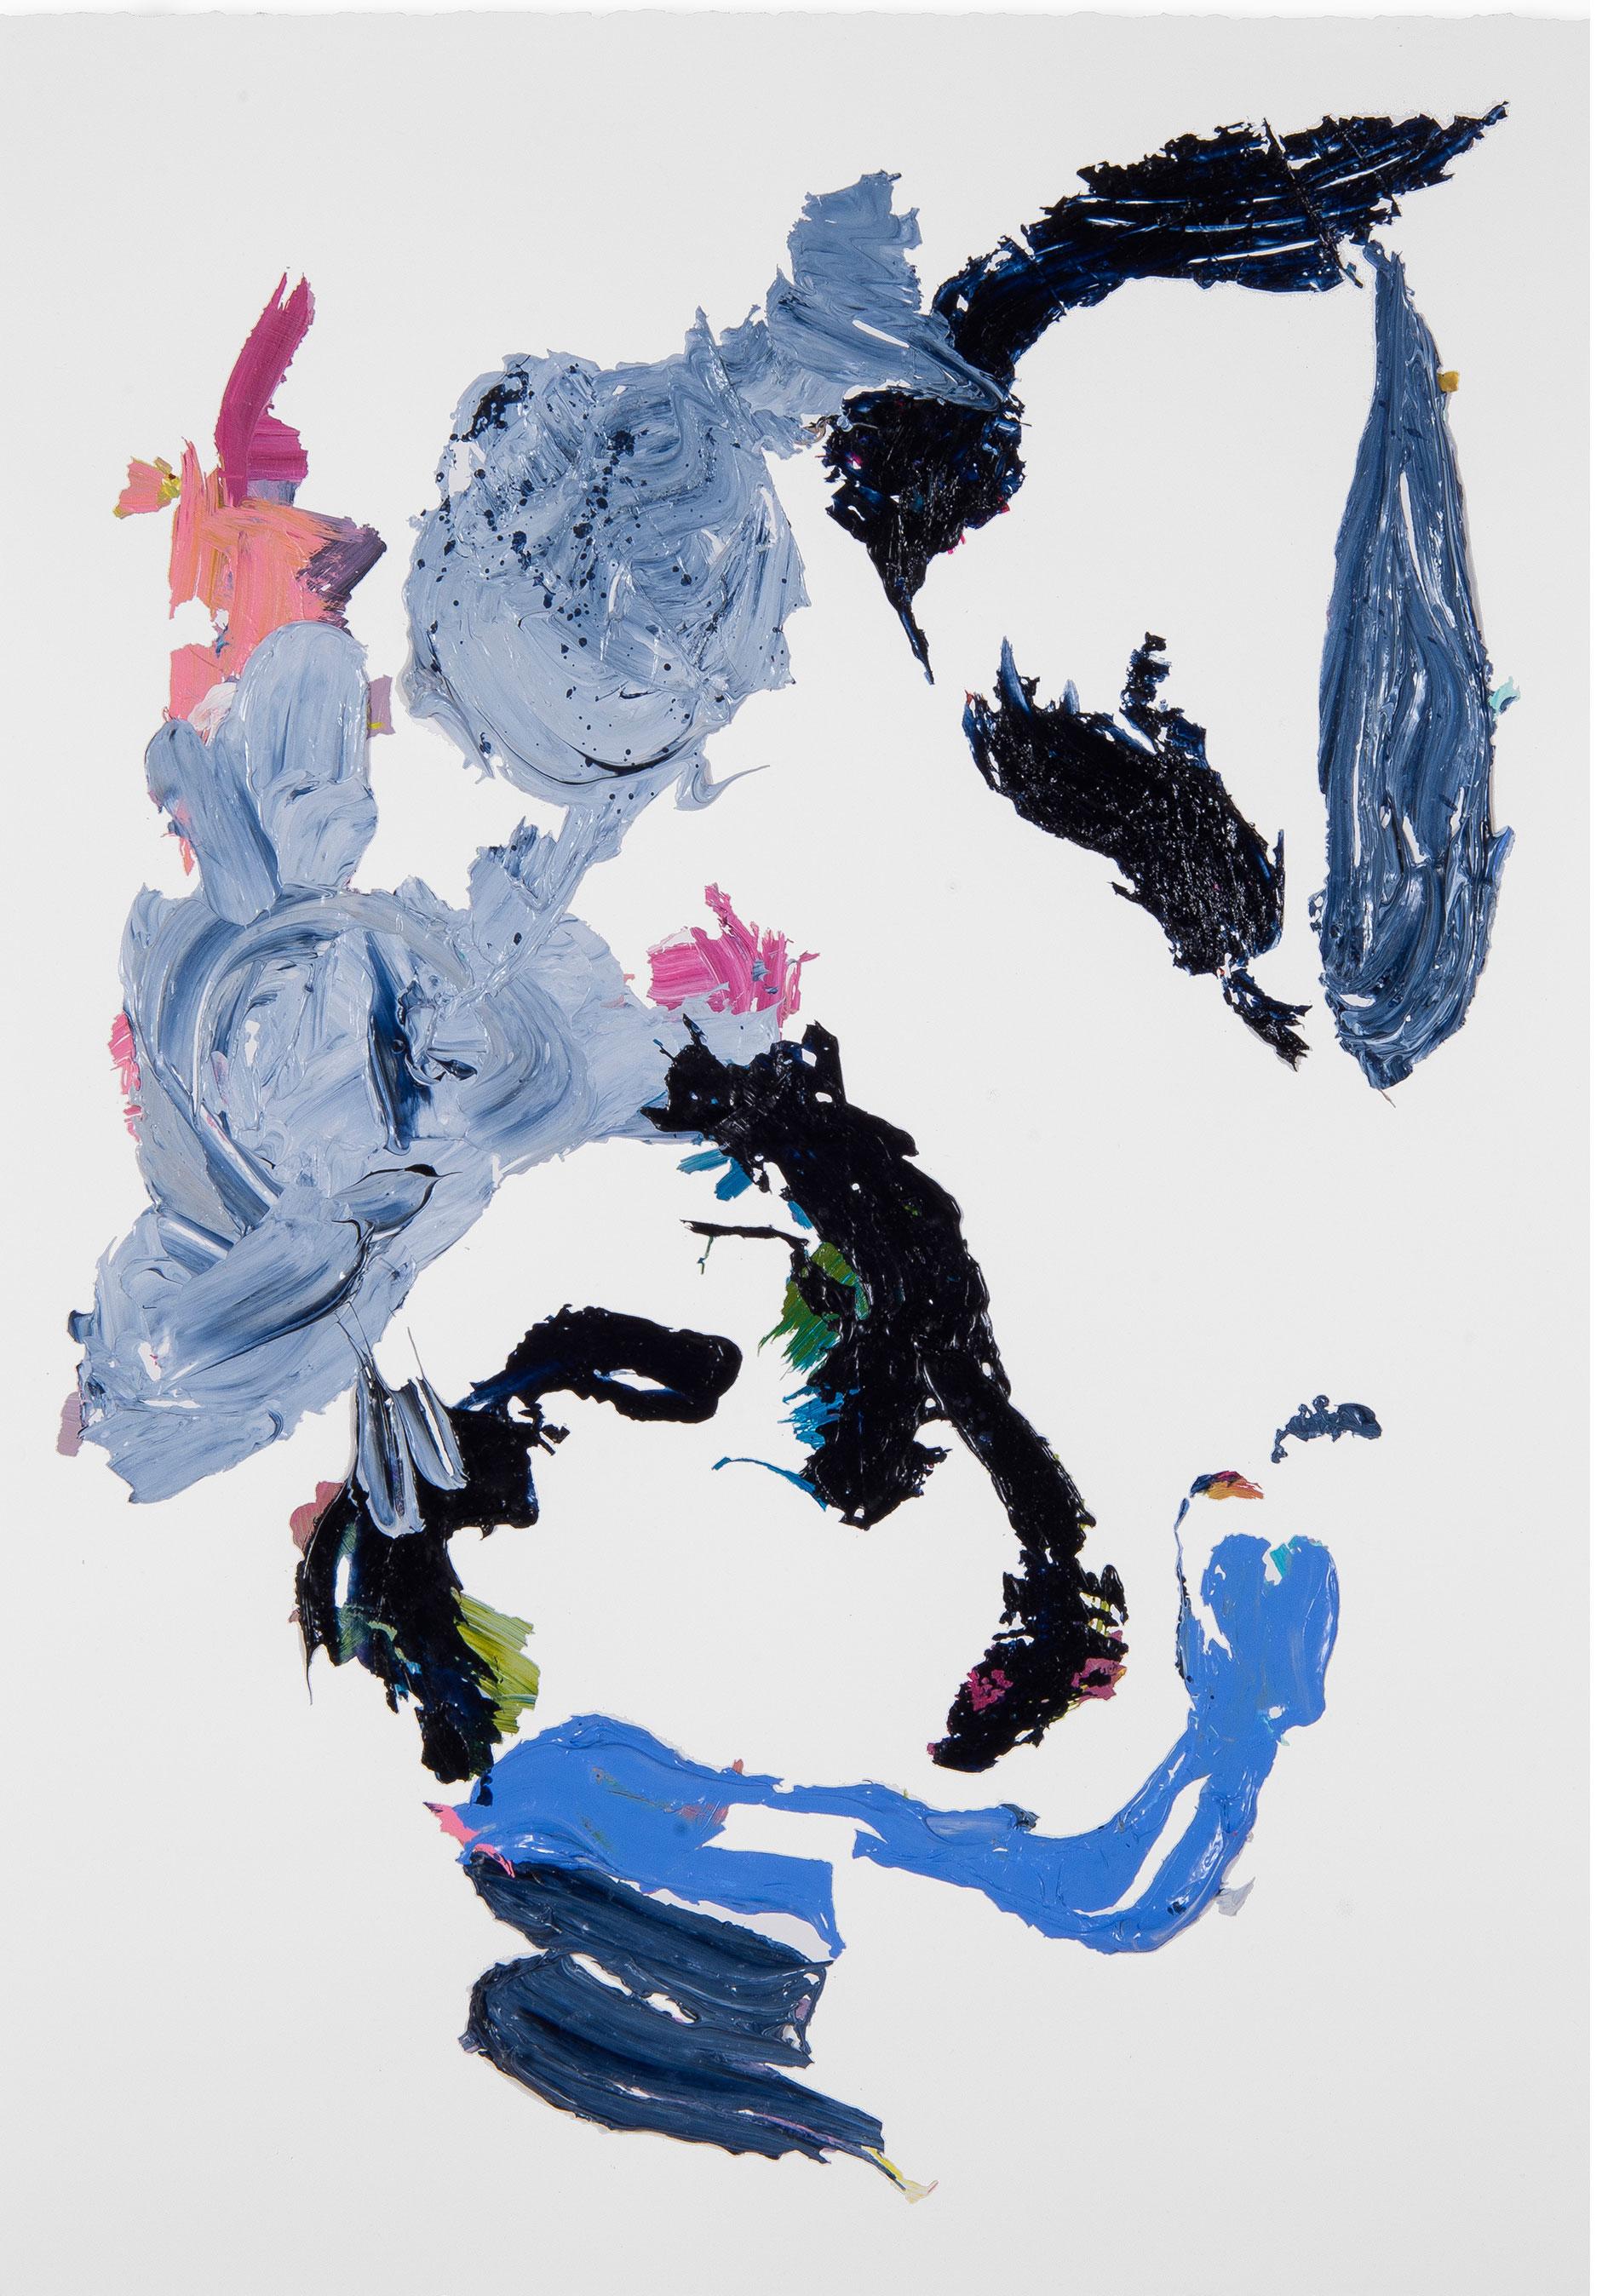 Blue/Black Rose 4